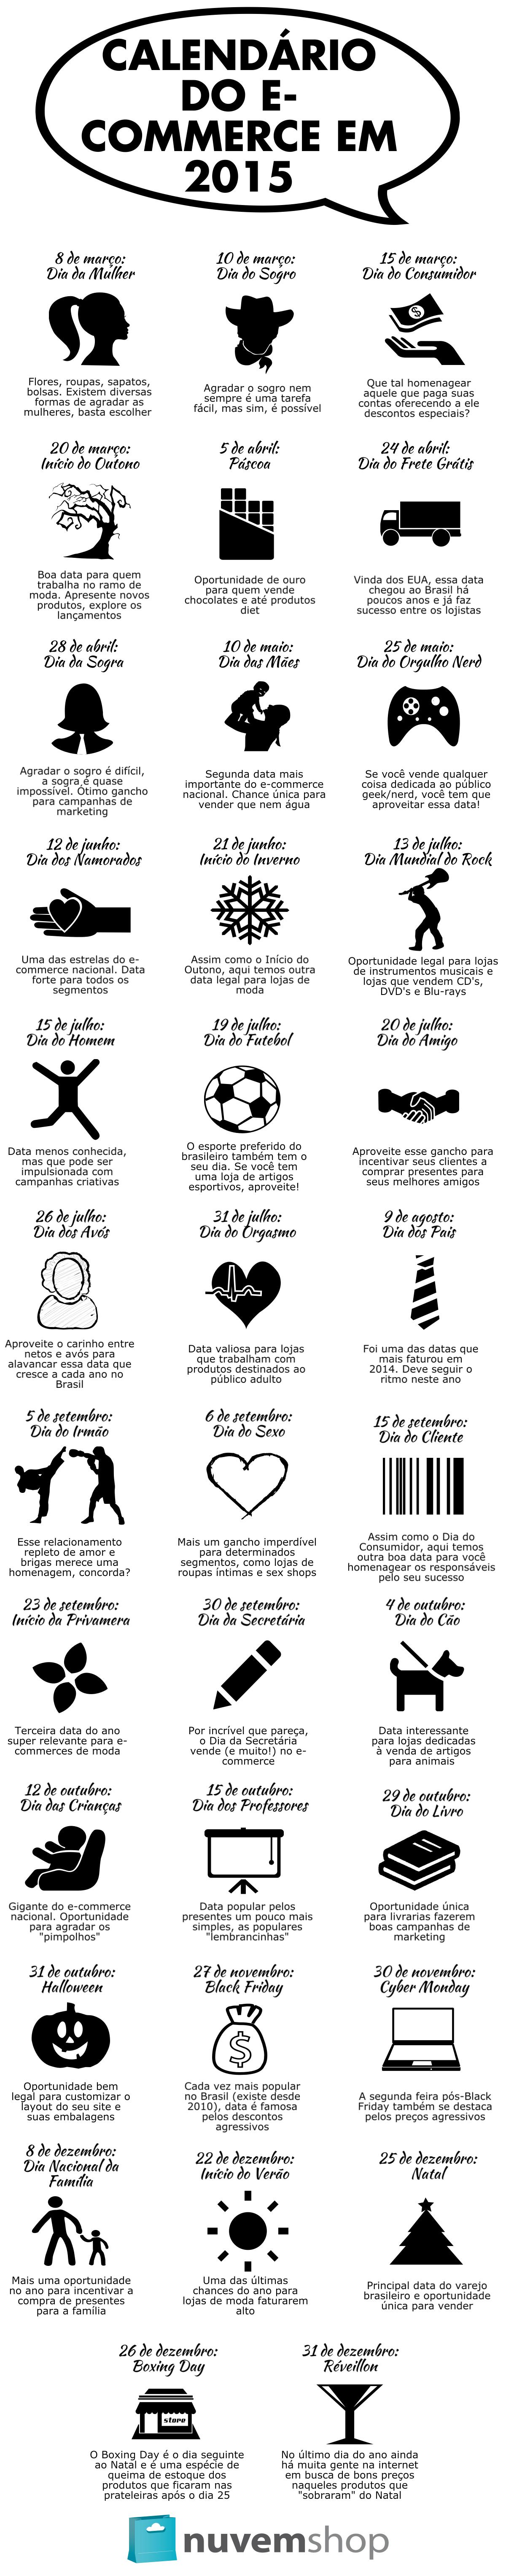 Calendário do ecommerce brasileiro 2015